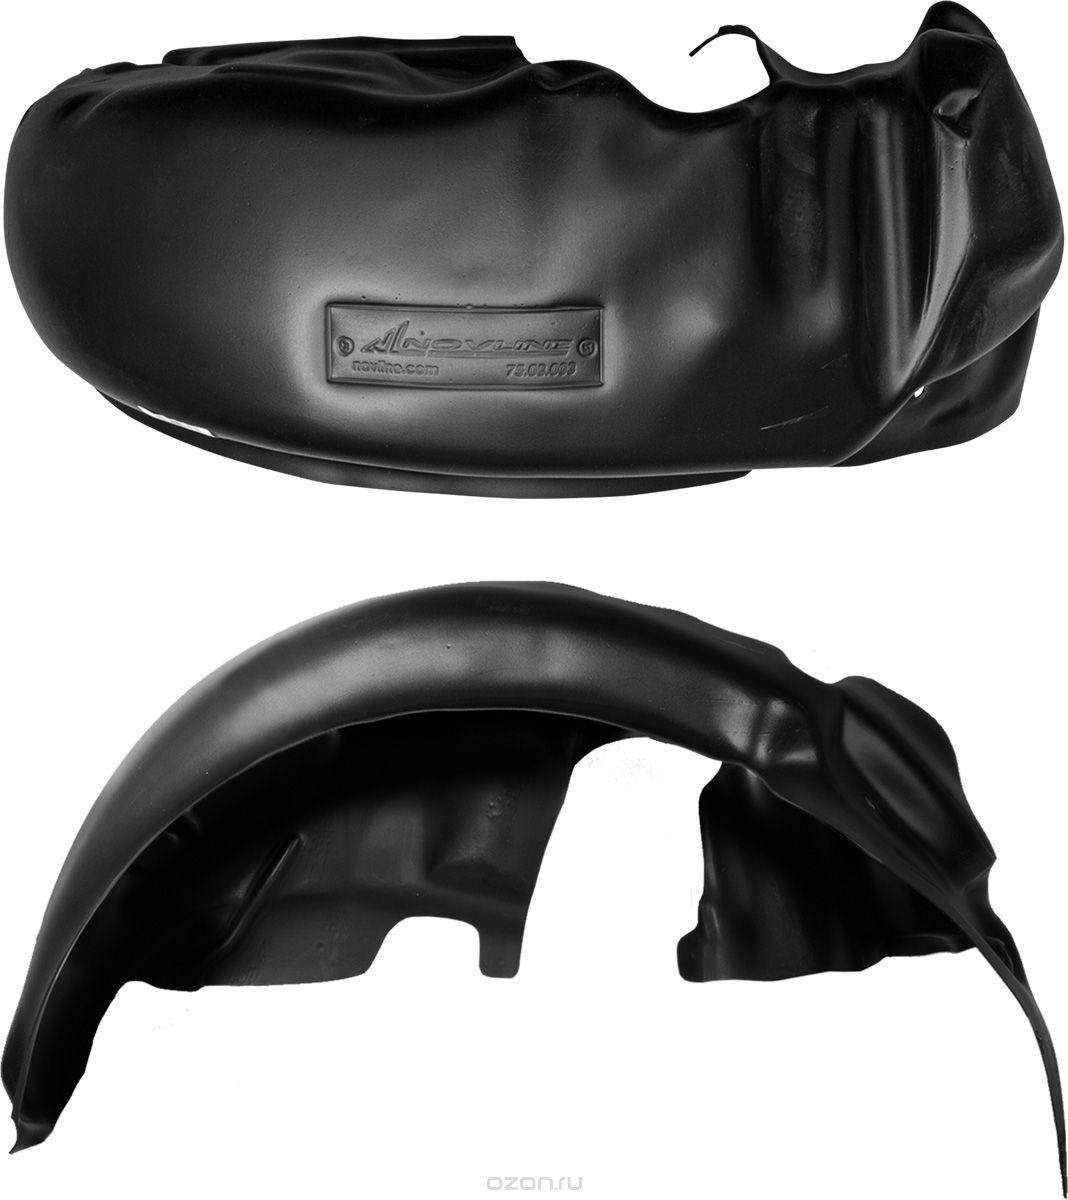 Подкрылок Novline-Autofamily, для Toyota Auris, 03/2007-2013, задний правыйNLL.48.16.004Идеальная защита колесной ниши. Локеры разработаны с применением цифровых технологий, гарантируют максимальную повторяемость поверхности арки. Изделия устанавливаются без нарушения лакокрасочного покрытия автомобиля, каждый подкрылок комплектуется крепежом. Уважаемые клиенты, обращаем ваше внимание, что фотографии на подкрылки универсальные и не отражают реальную форму изделия. При этом само изделие идет точно под размер указанного автомобиля.